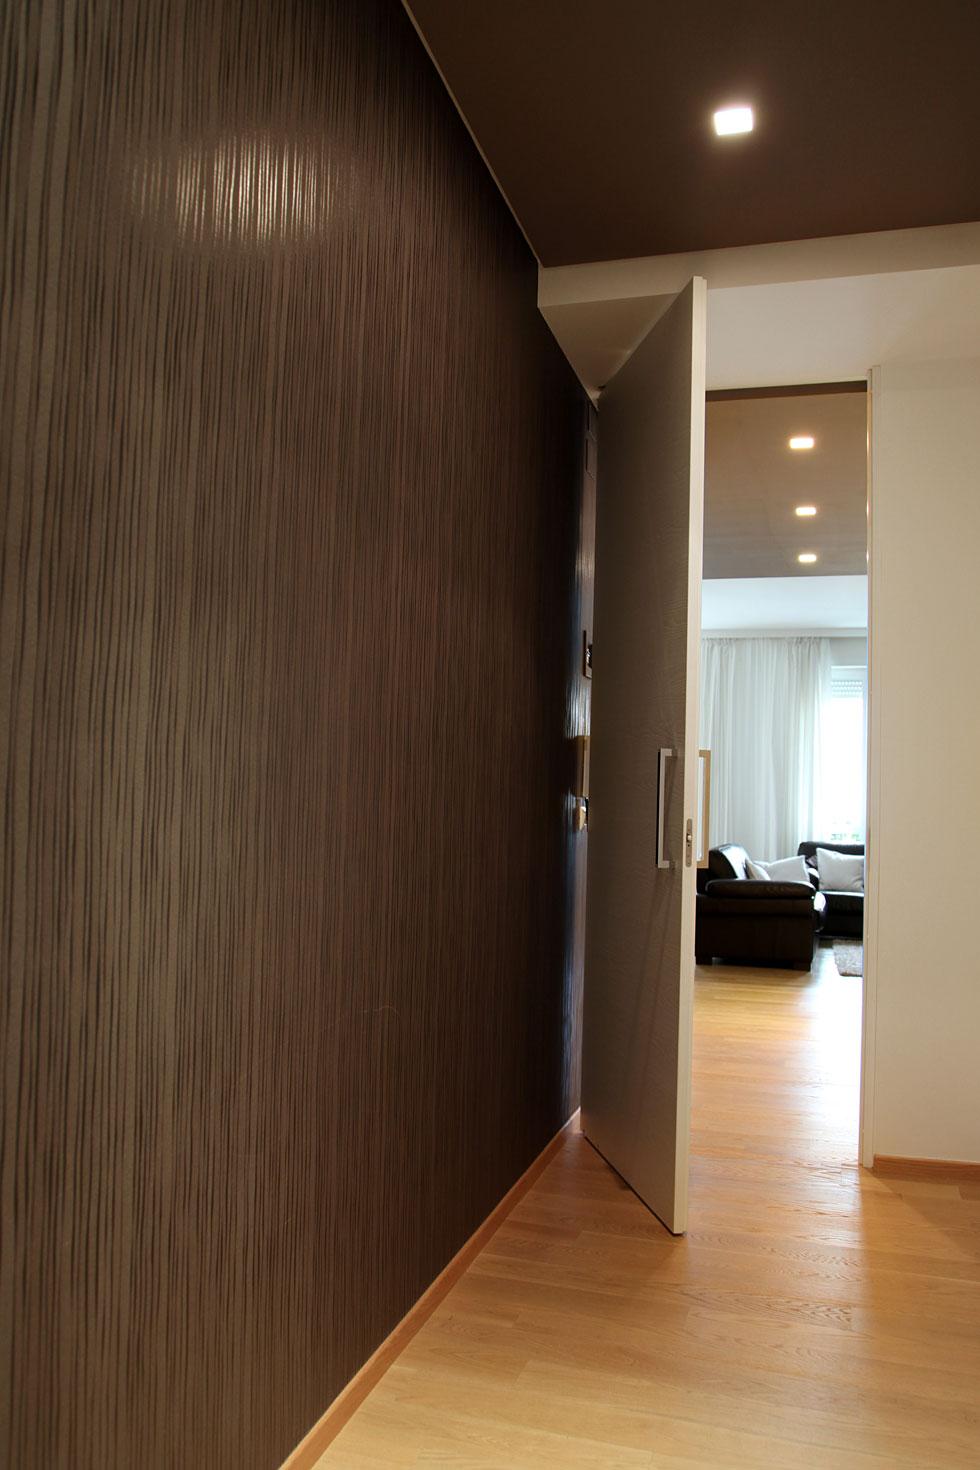 Arche 39 ambienti porta battente tutt altezza laccato bianco - Porte scorrevoli tutta altezza ...